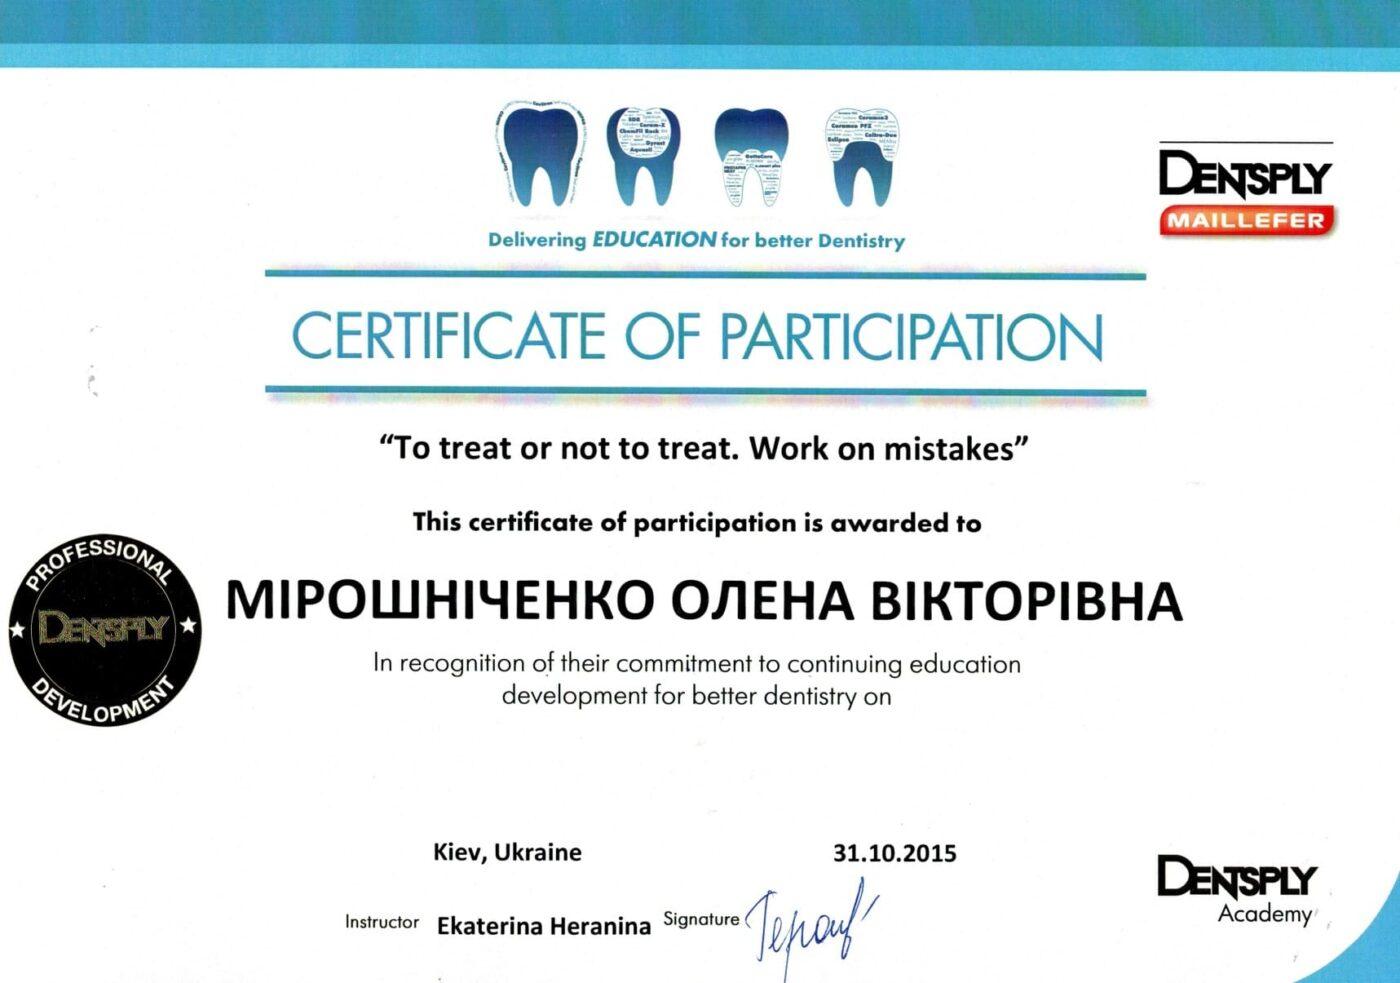 Сертификат подтверждающий участие Алёны Мирошниченко в курсе - To treat or not to treat